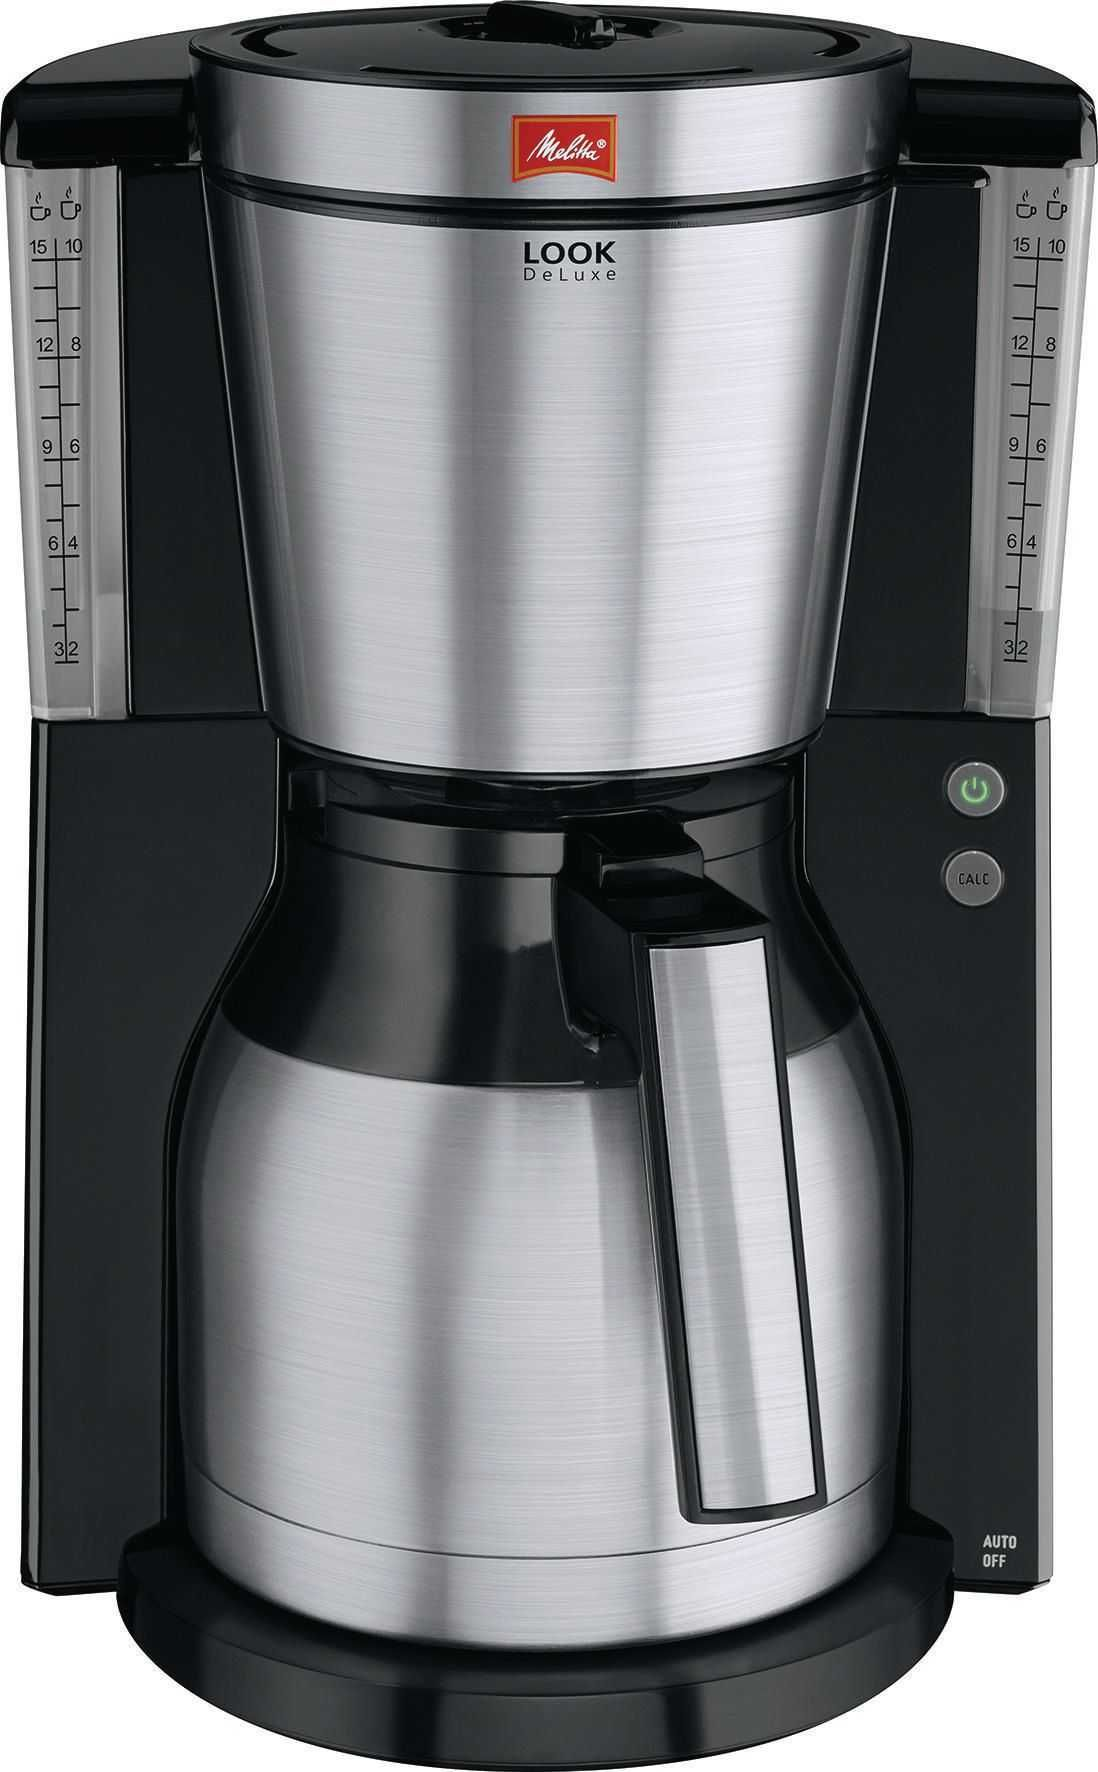 Melitta Filterkaffeemaschine Look DeLuxe Therm Silber